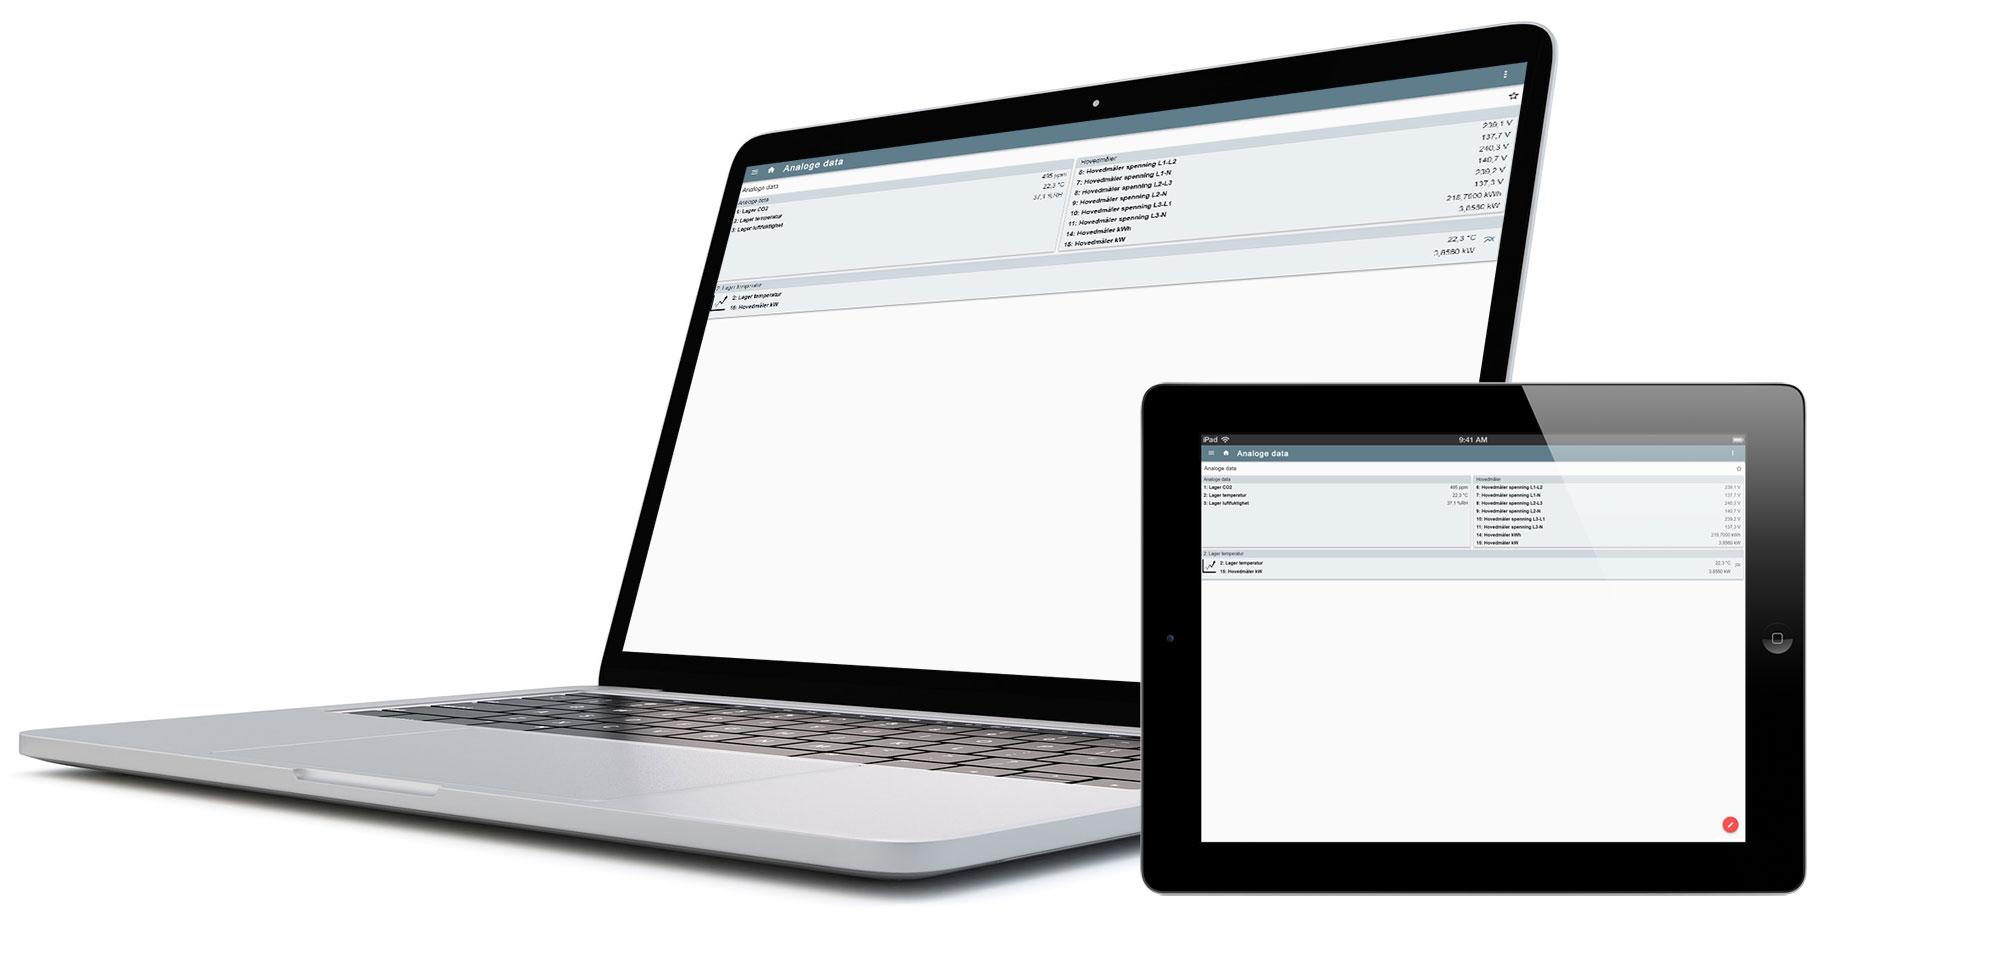 WEBBapp med visning av analoge data